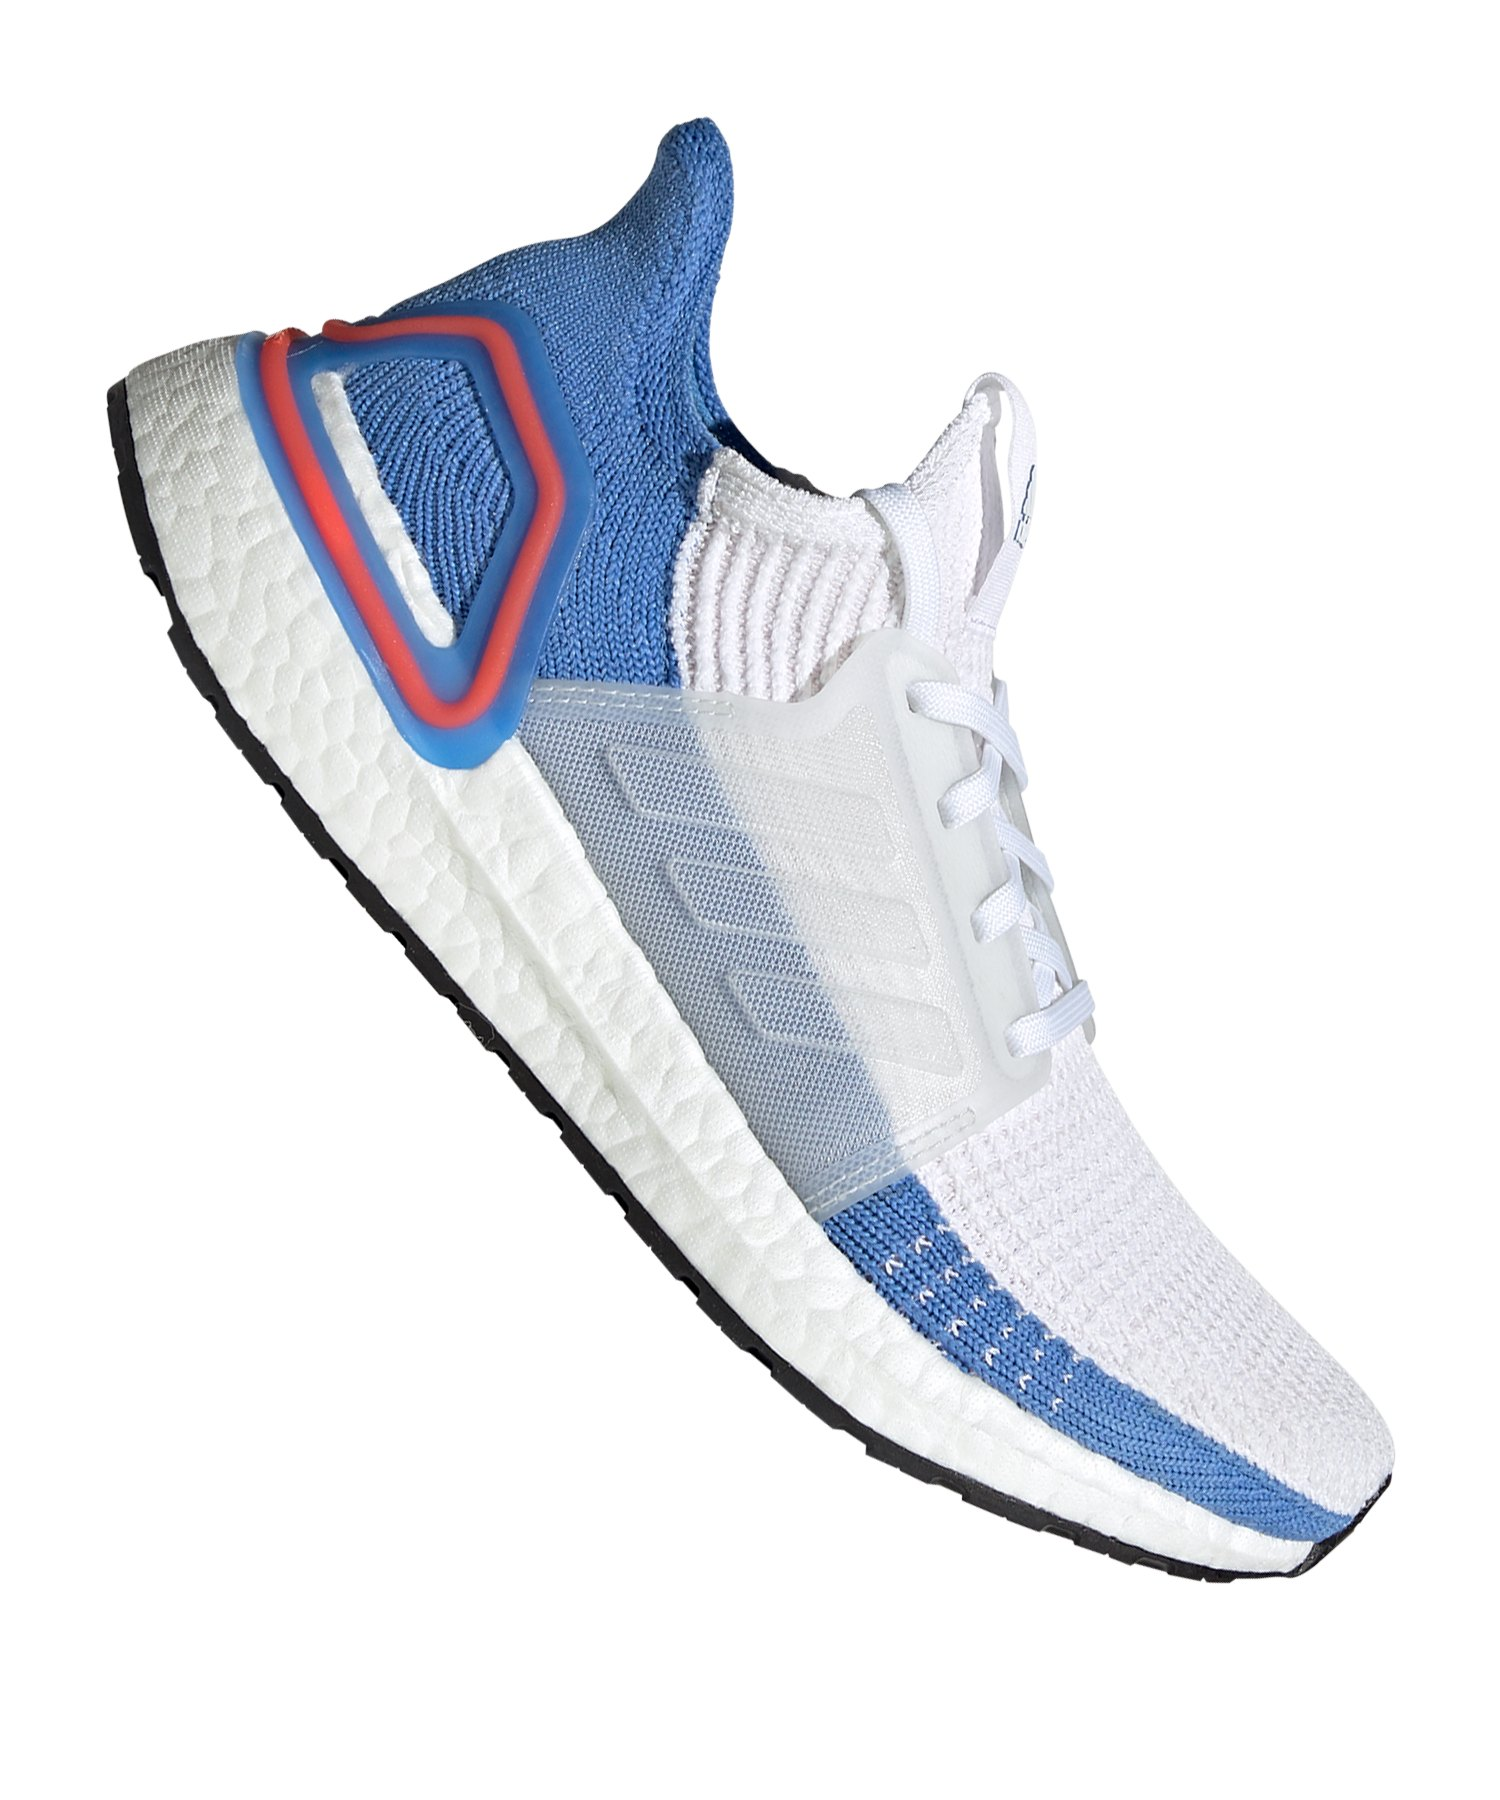 adidas Ultra Boost 19 Running Damen Weiss Blau - weiss